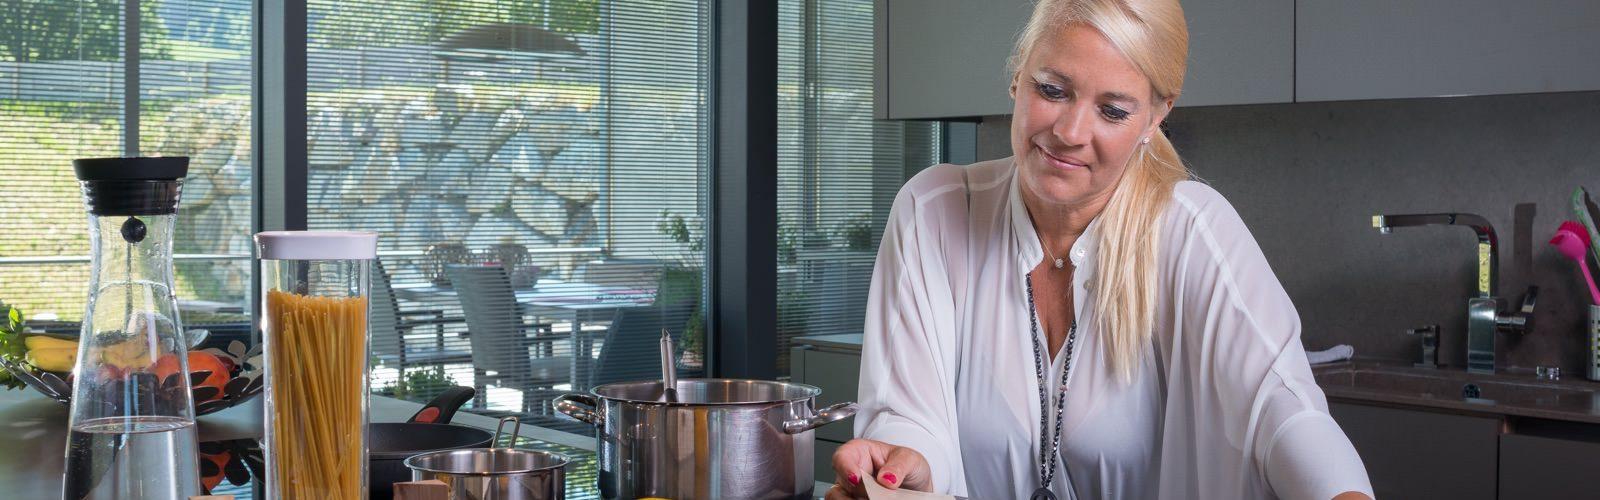 Franka A. in ihrer Küche. Sie ließ sich die Presbia Flexivue Microlens implantieren, um ohne Lesebrille kochen zu können.